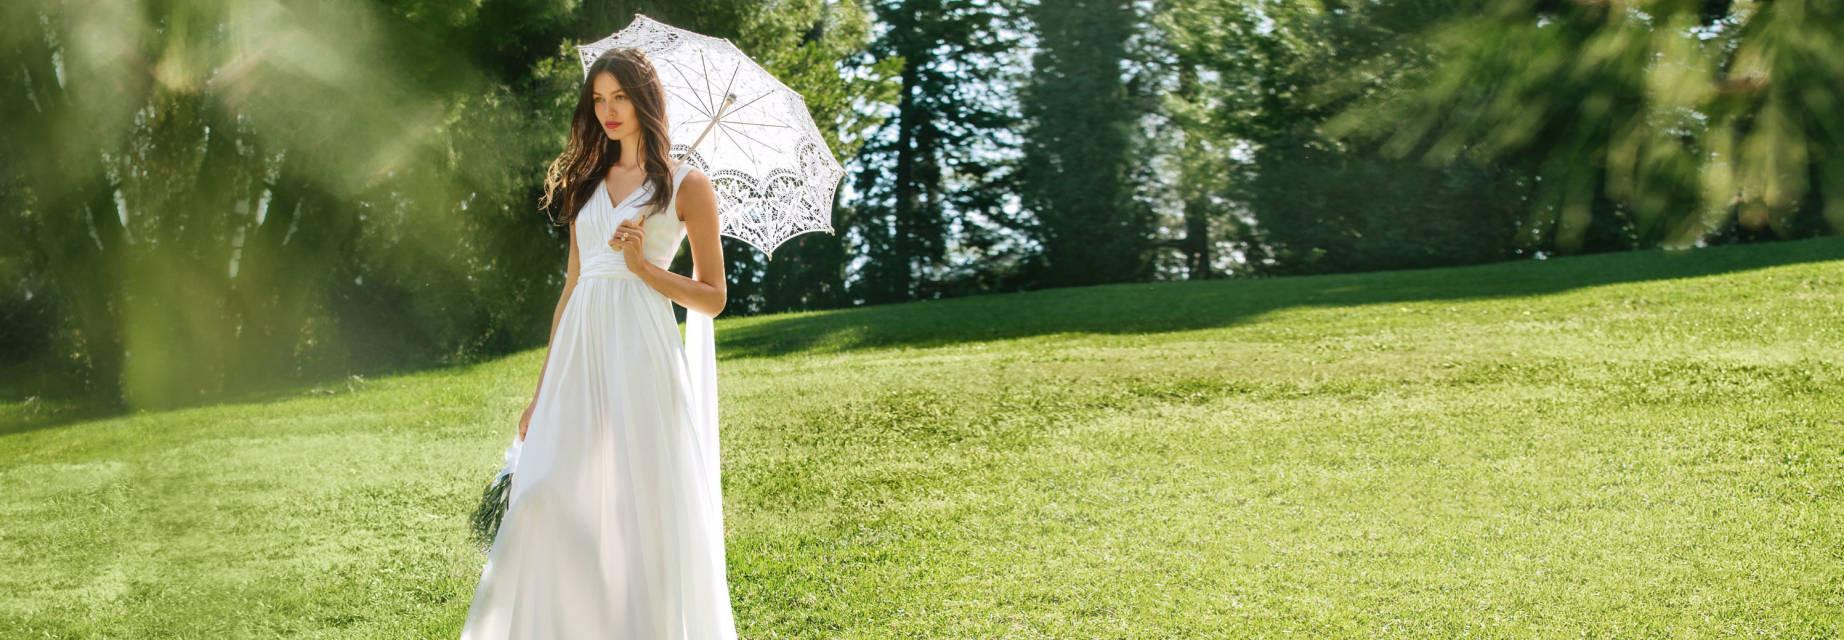 Hochzeitskleider Nähen | Schnittmuster, Anleitungen